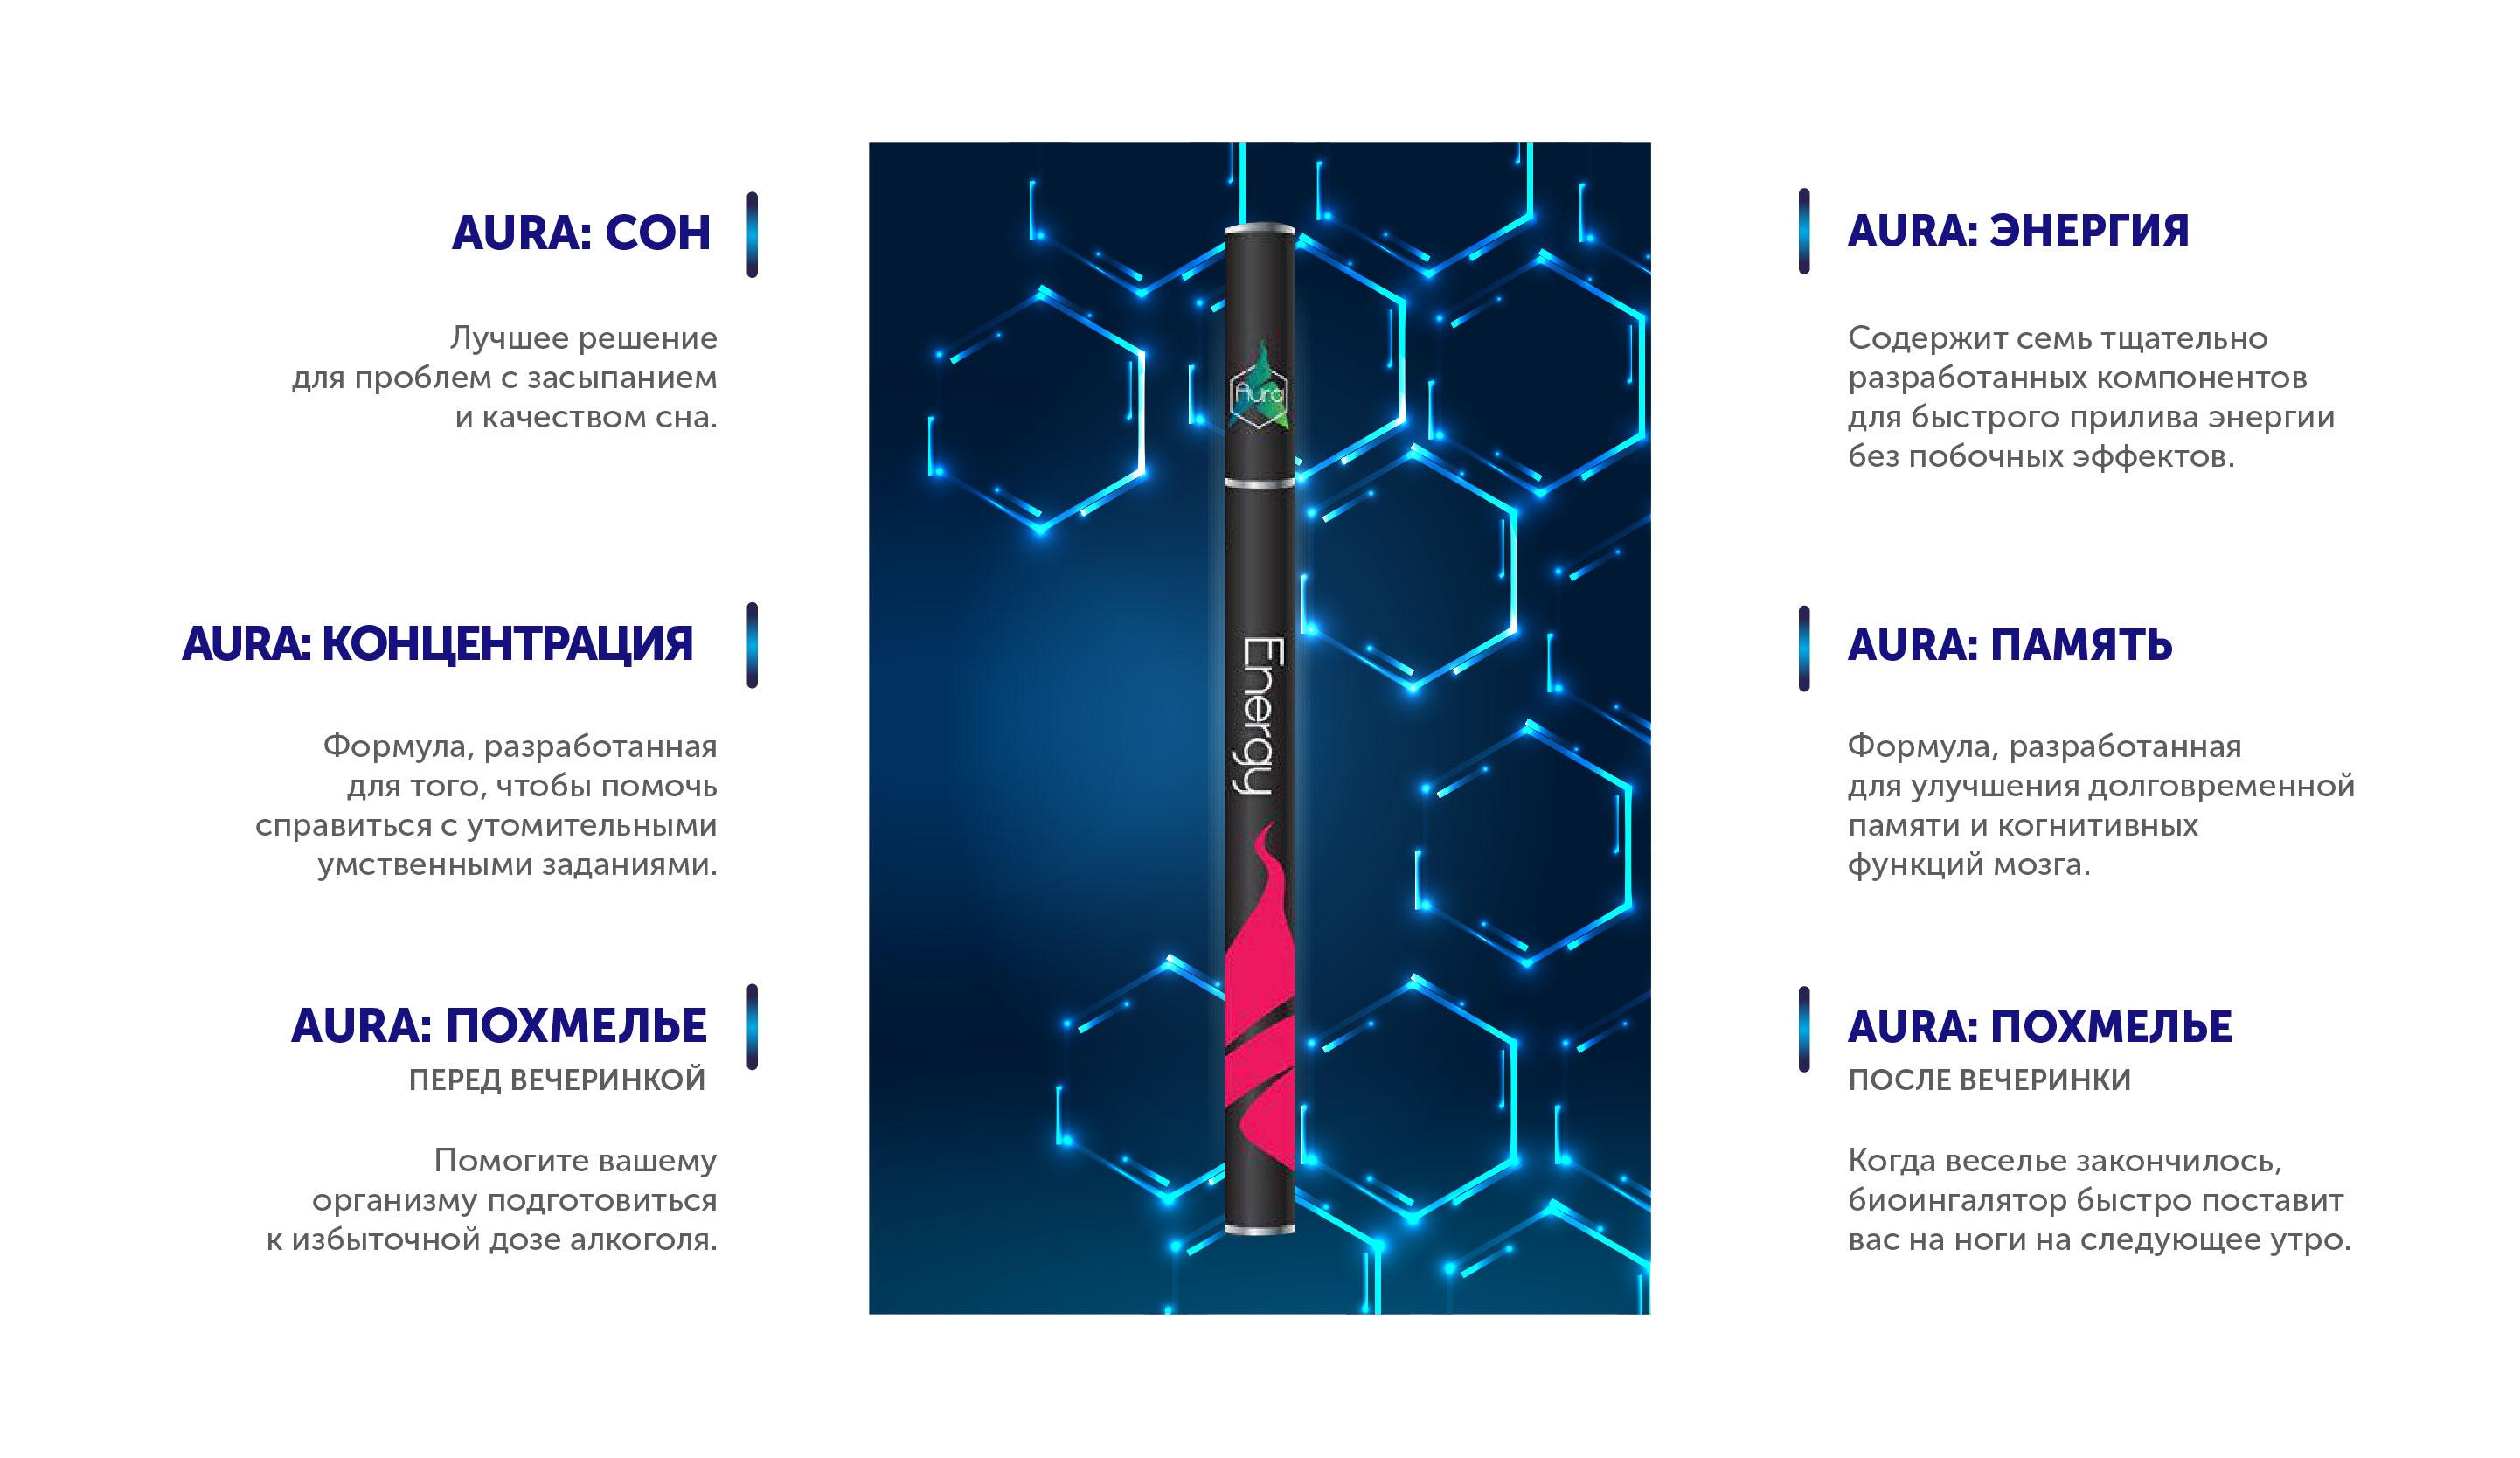 a01597a19381165184433 - Relex запускает первую в мире блокчейн-платформу для исследований в области биотехнологий